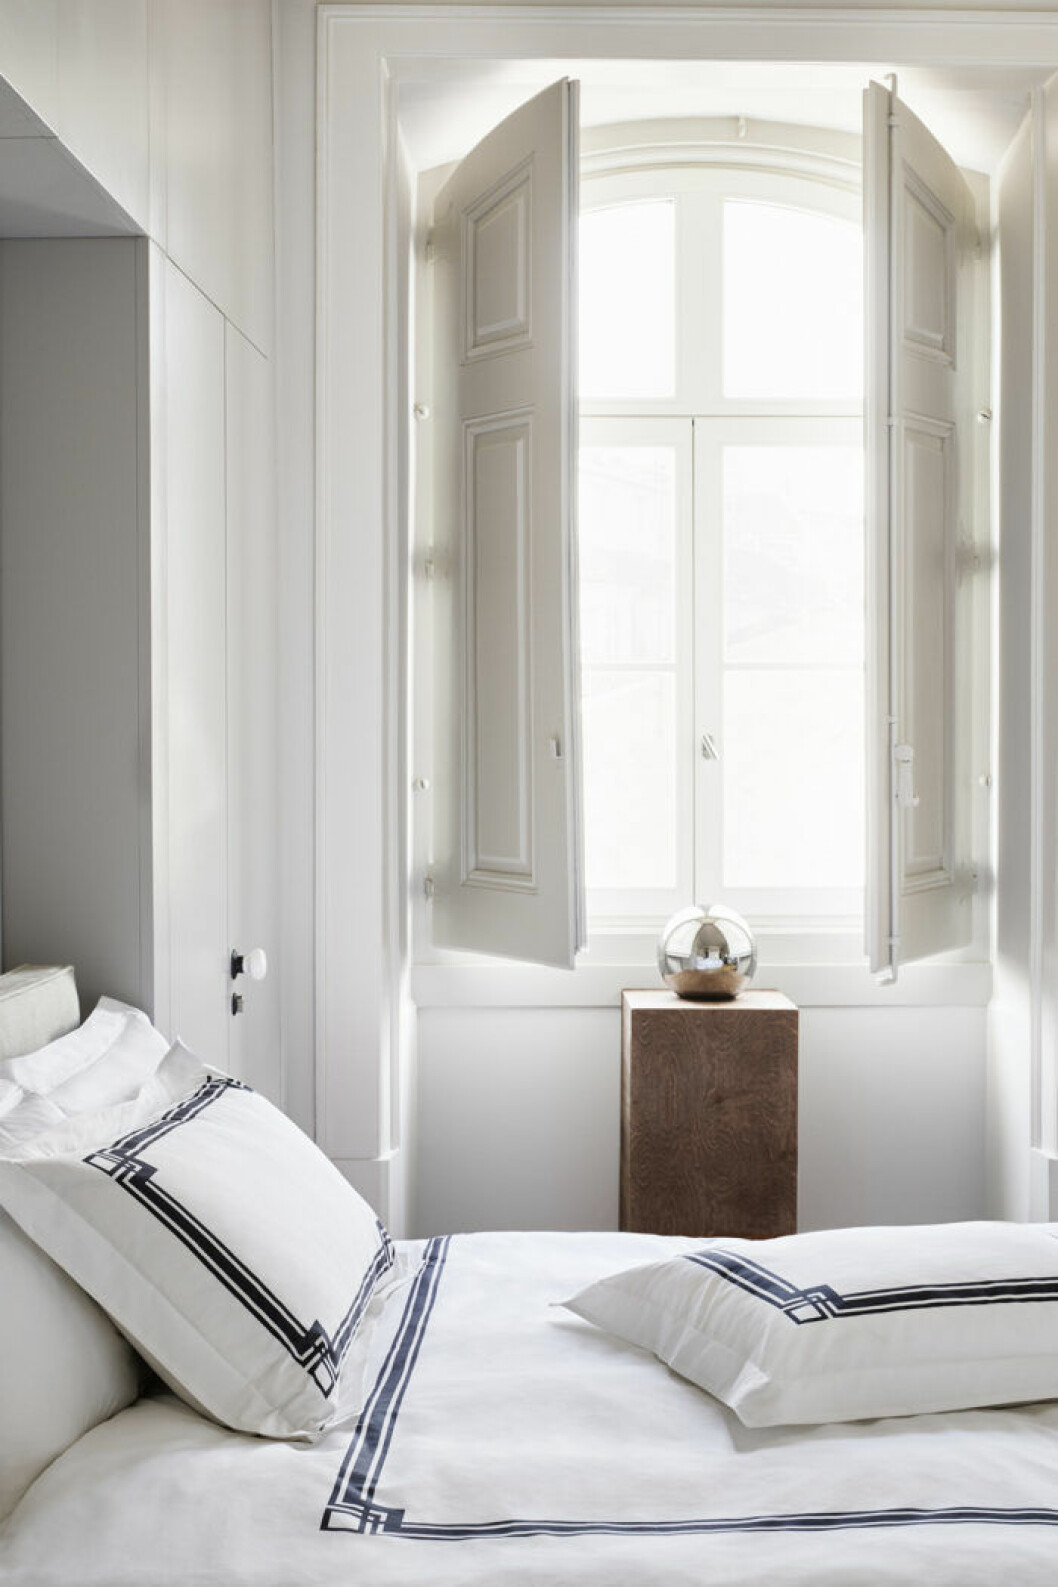 Klassiska hotellränder på sängkläderna är trendigt i sommar.